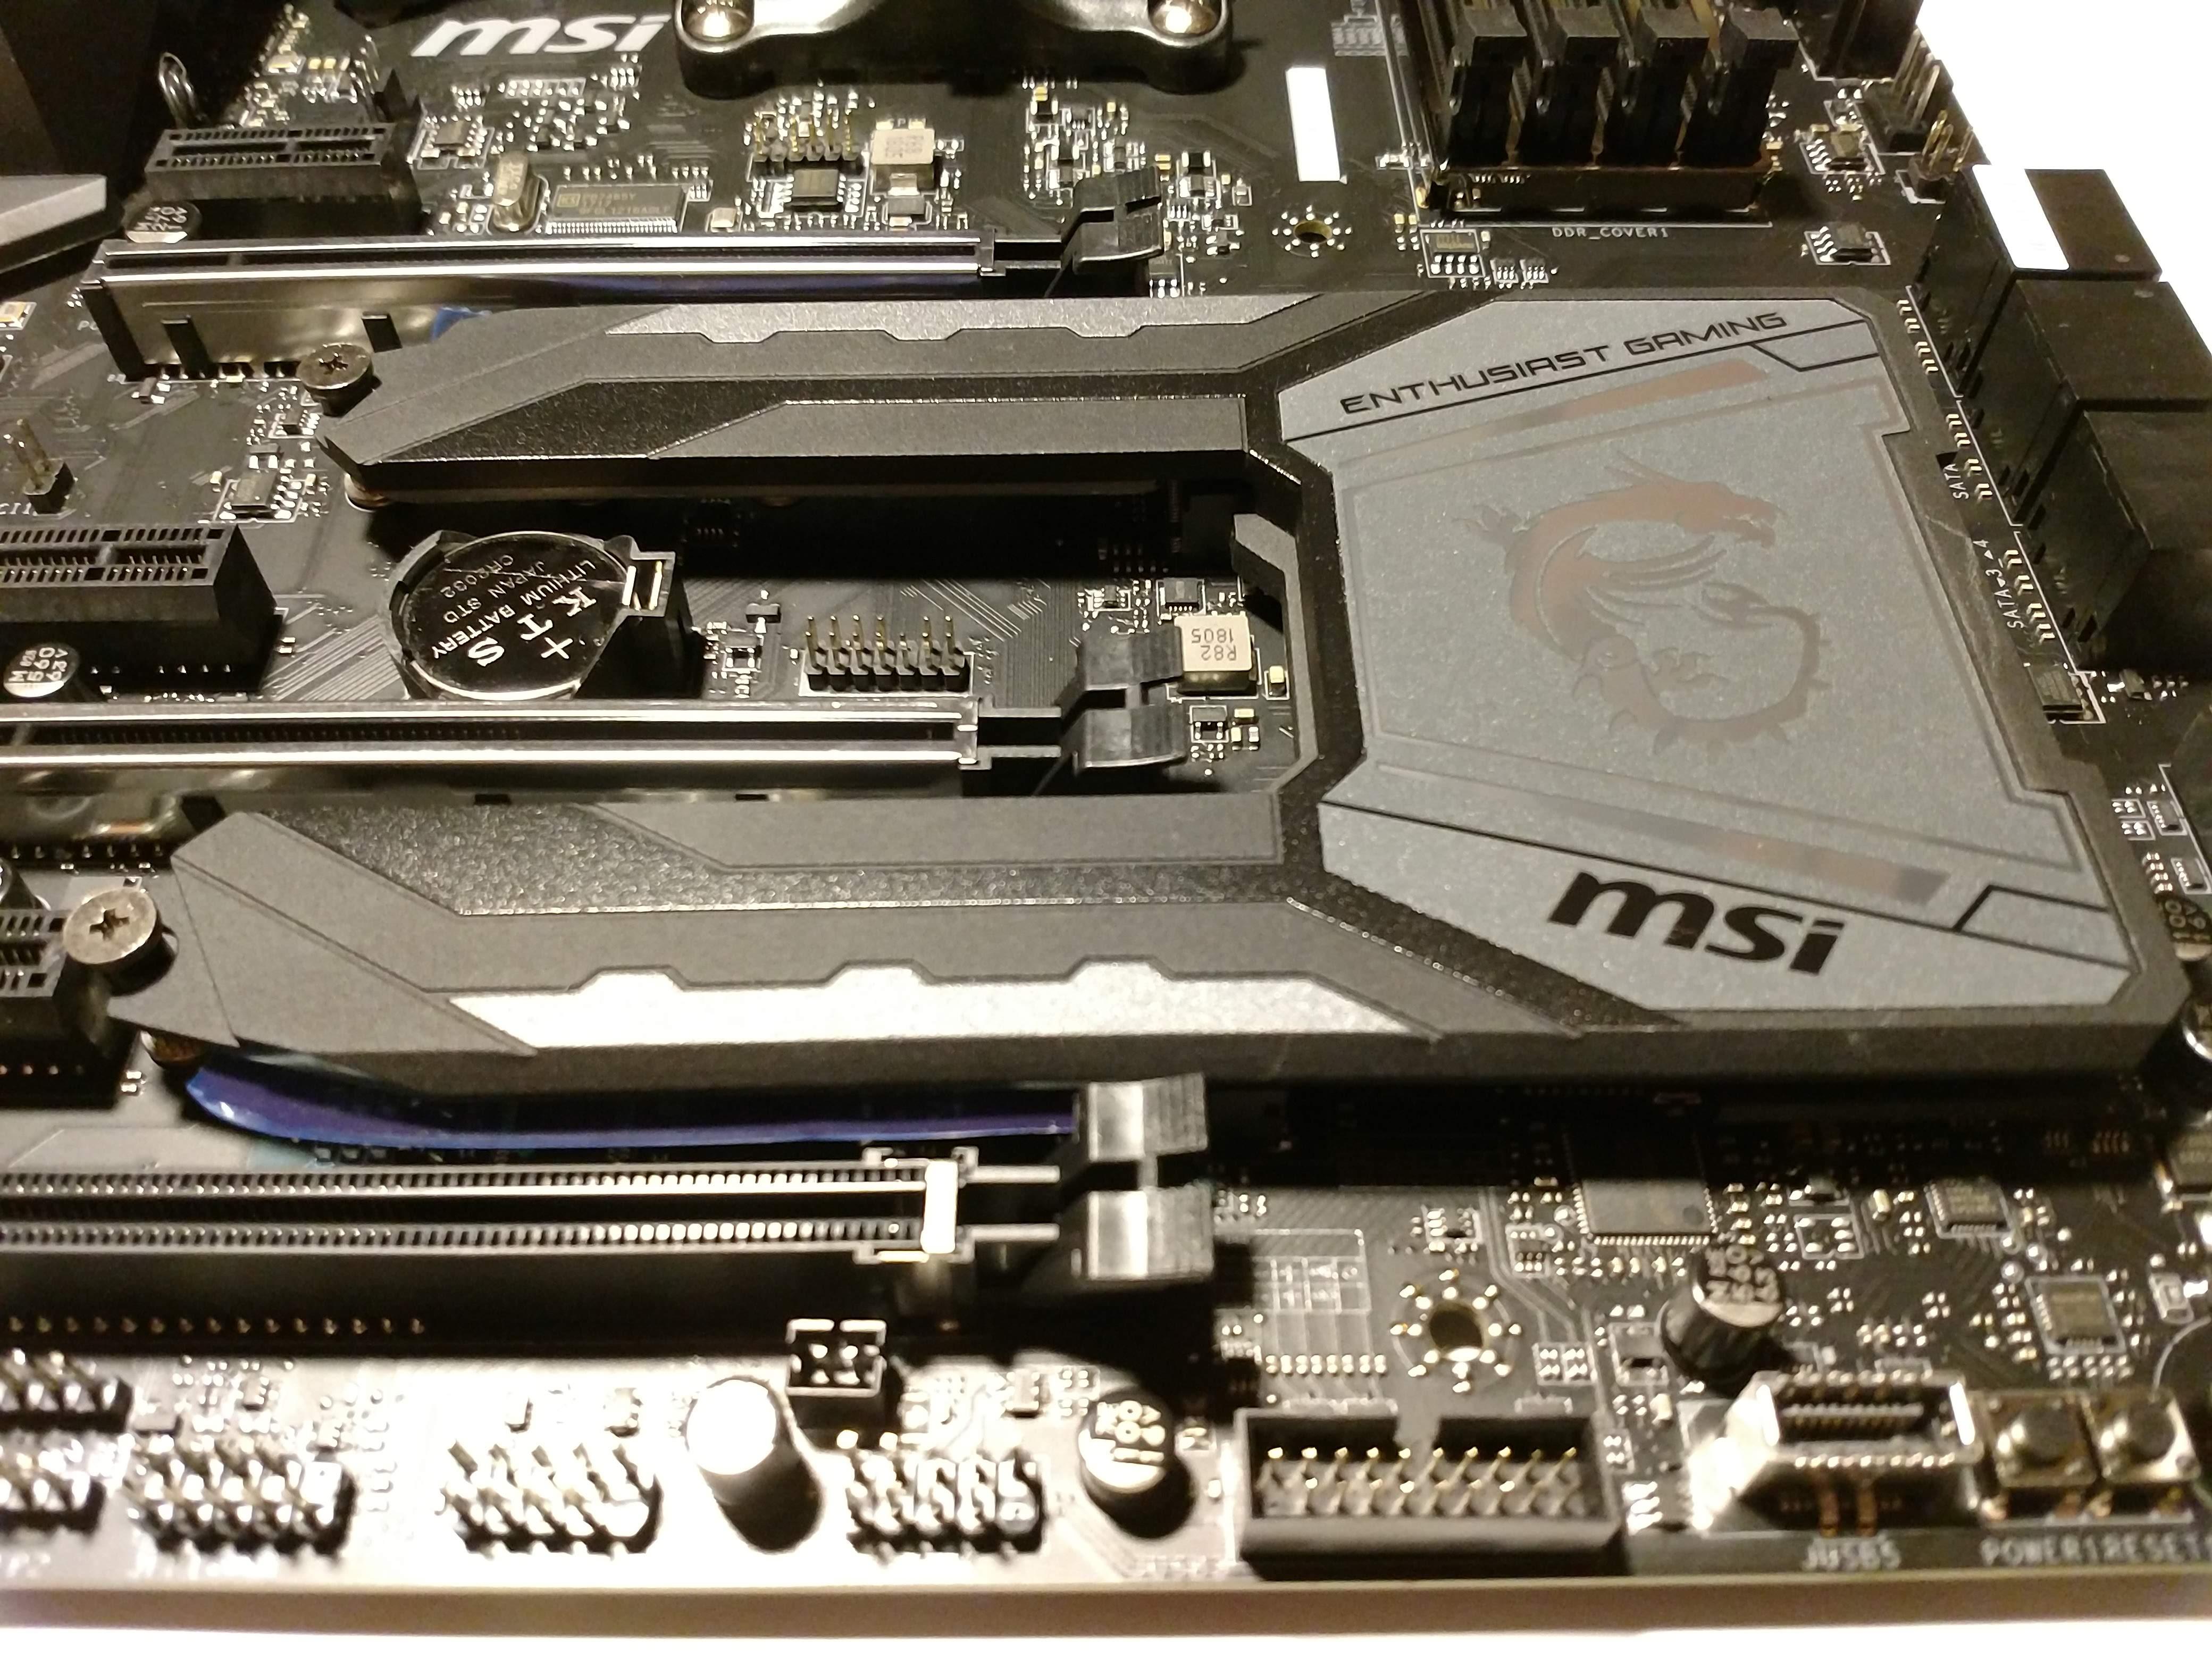 Klicken Sie auf die Grafik für eine größere Ansicht  Name:38. MSI X470 Gaming M7 AC M.2 SHIELD FROZR.jpg Hits:48 Größe:1,06 MB ID:1000589